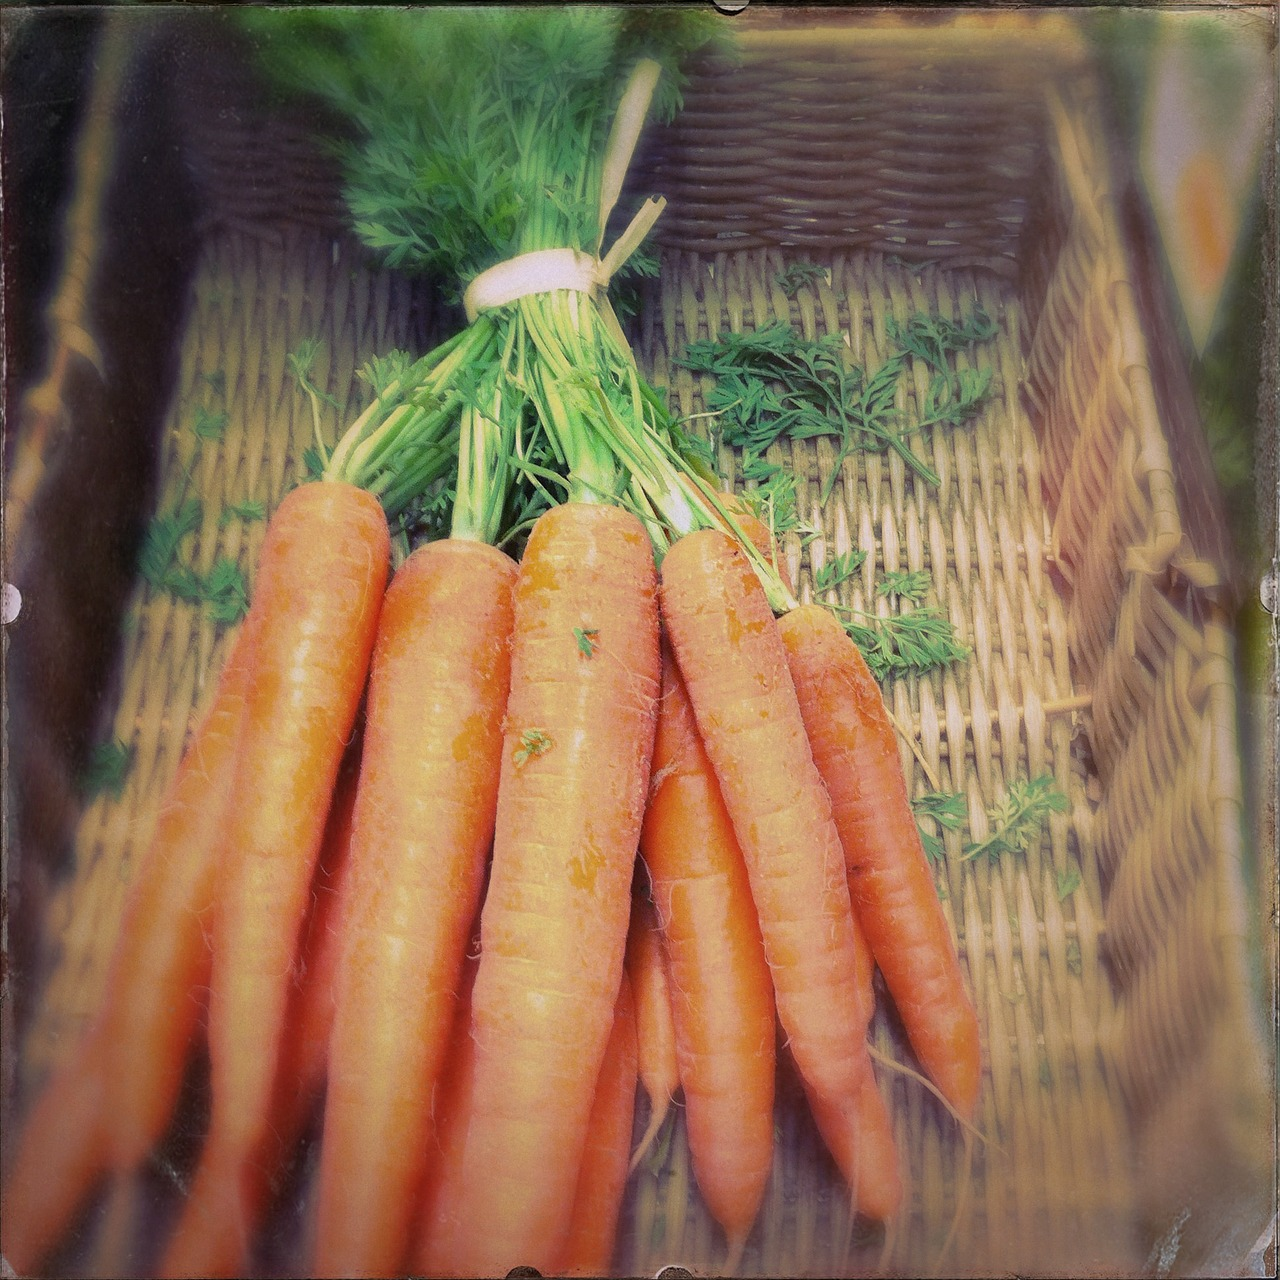 carrots-381332_1280